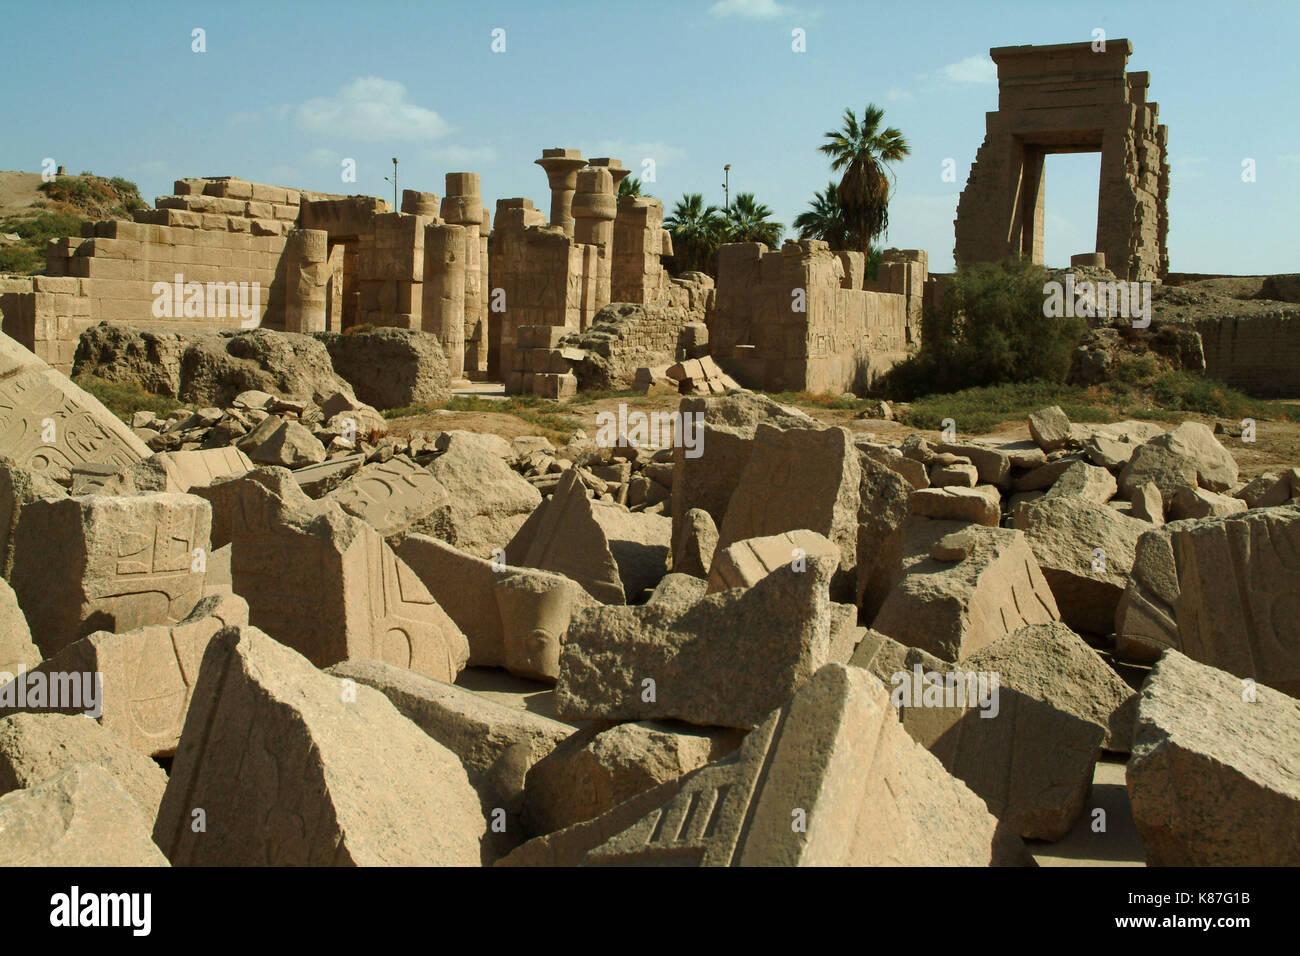 Ruines d'un ancien temple de Louxor, sans personnes, Thèbes, Site du patrimoine mondial de l'UNESCO, l'Égypte, l'Afrique du Nord, Afrique Photo Stock